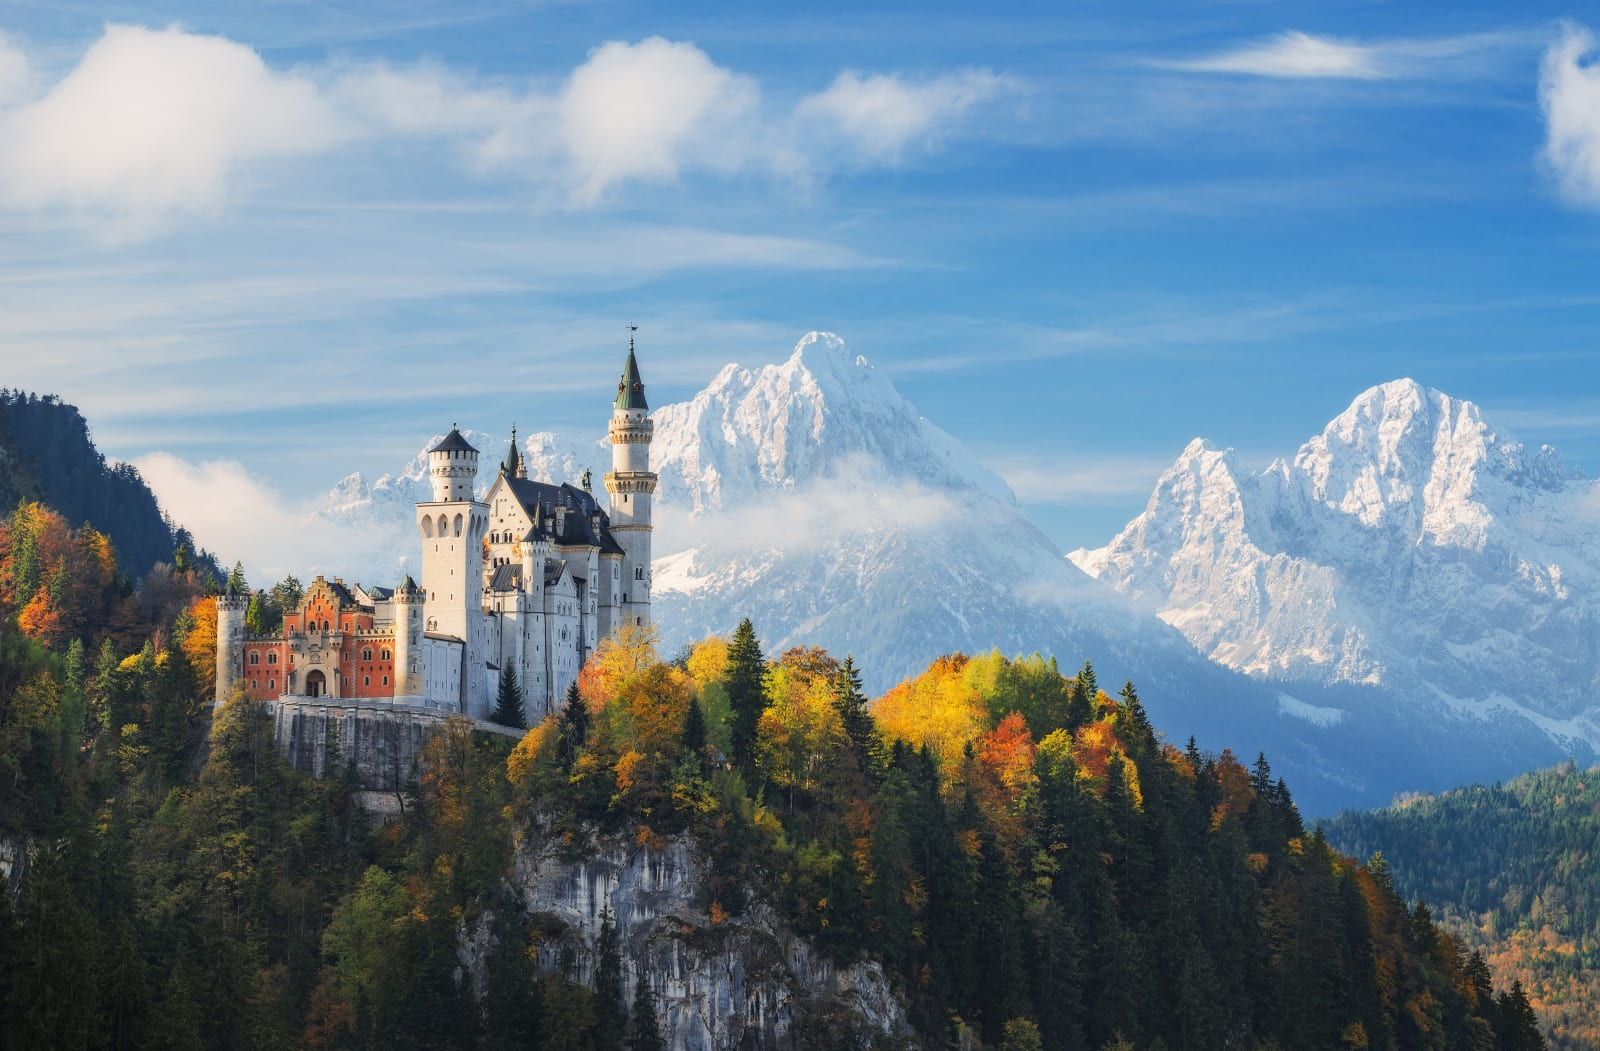 Schloss Neuschwanstein vor einer Bergkulisse